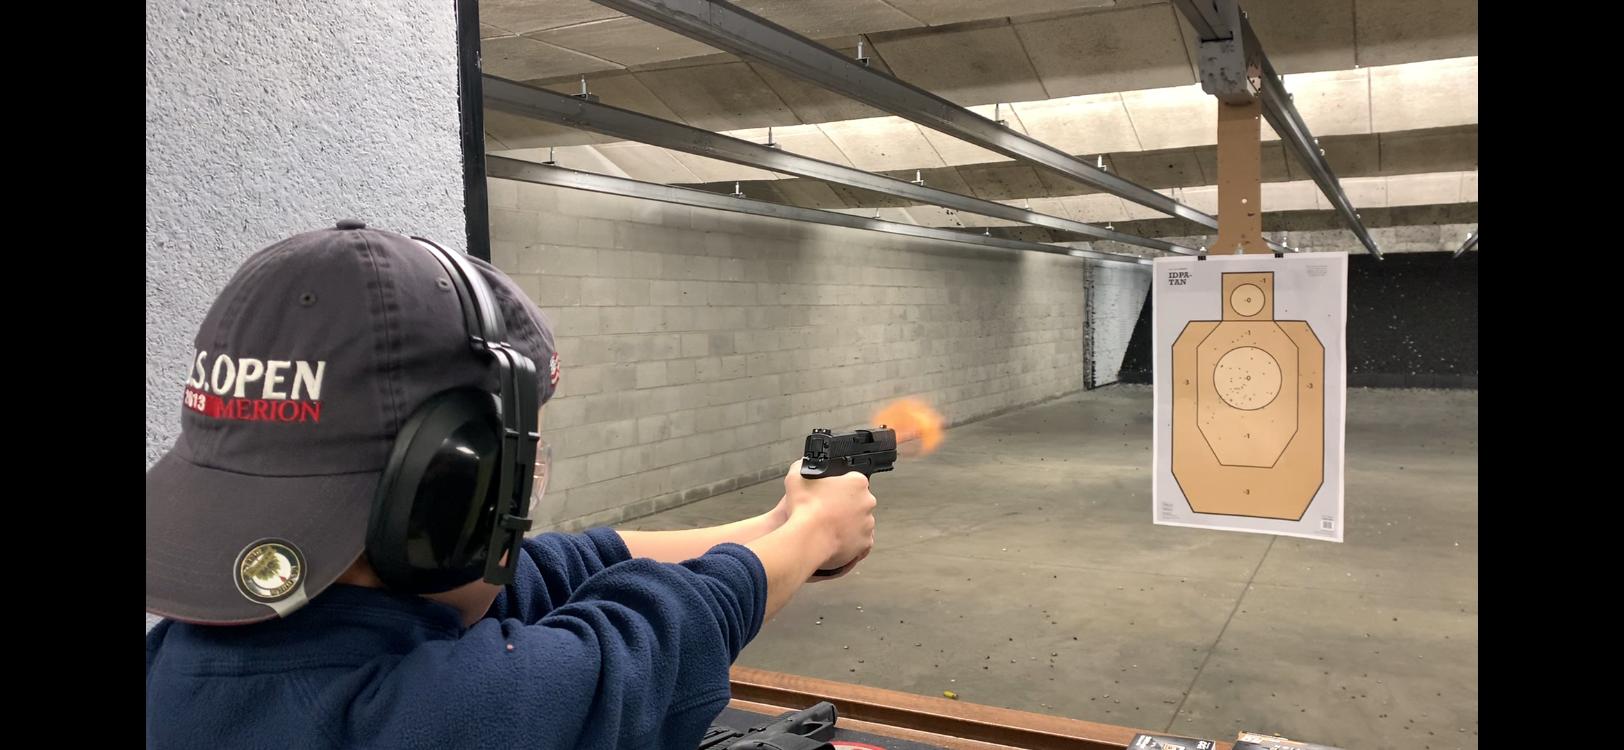 Pistol League